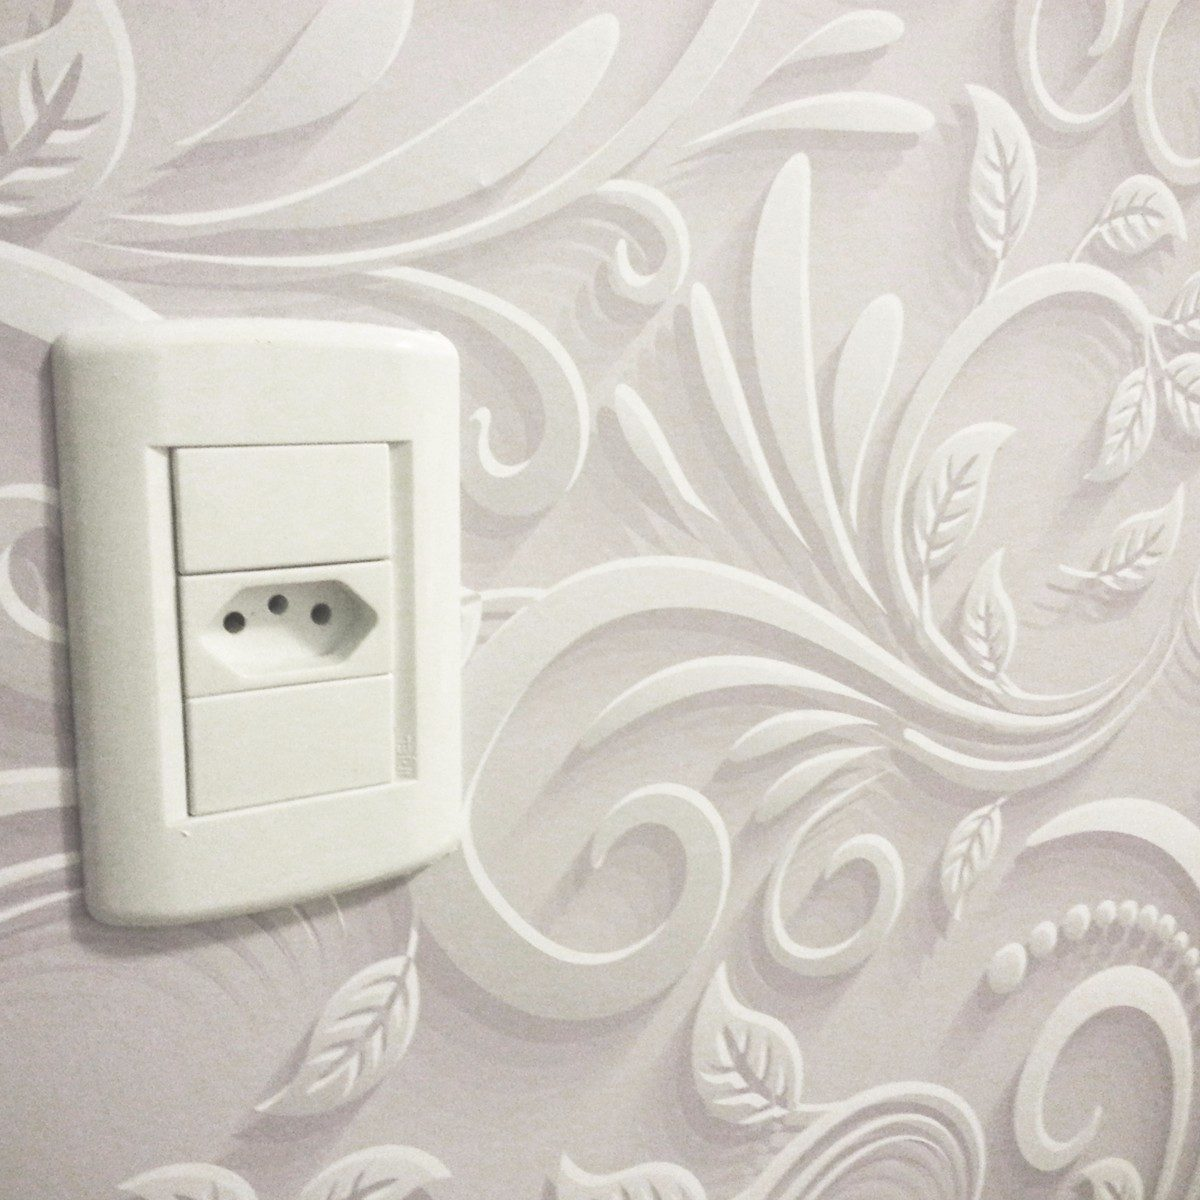 Papel de parede floral efeito 3d r 44 90 em mercado livre - Paredes de papel ...